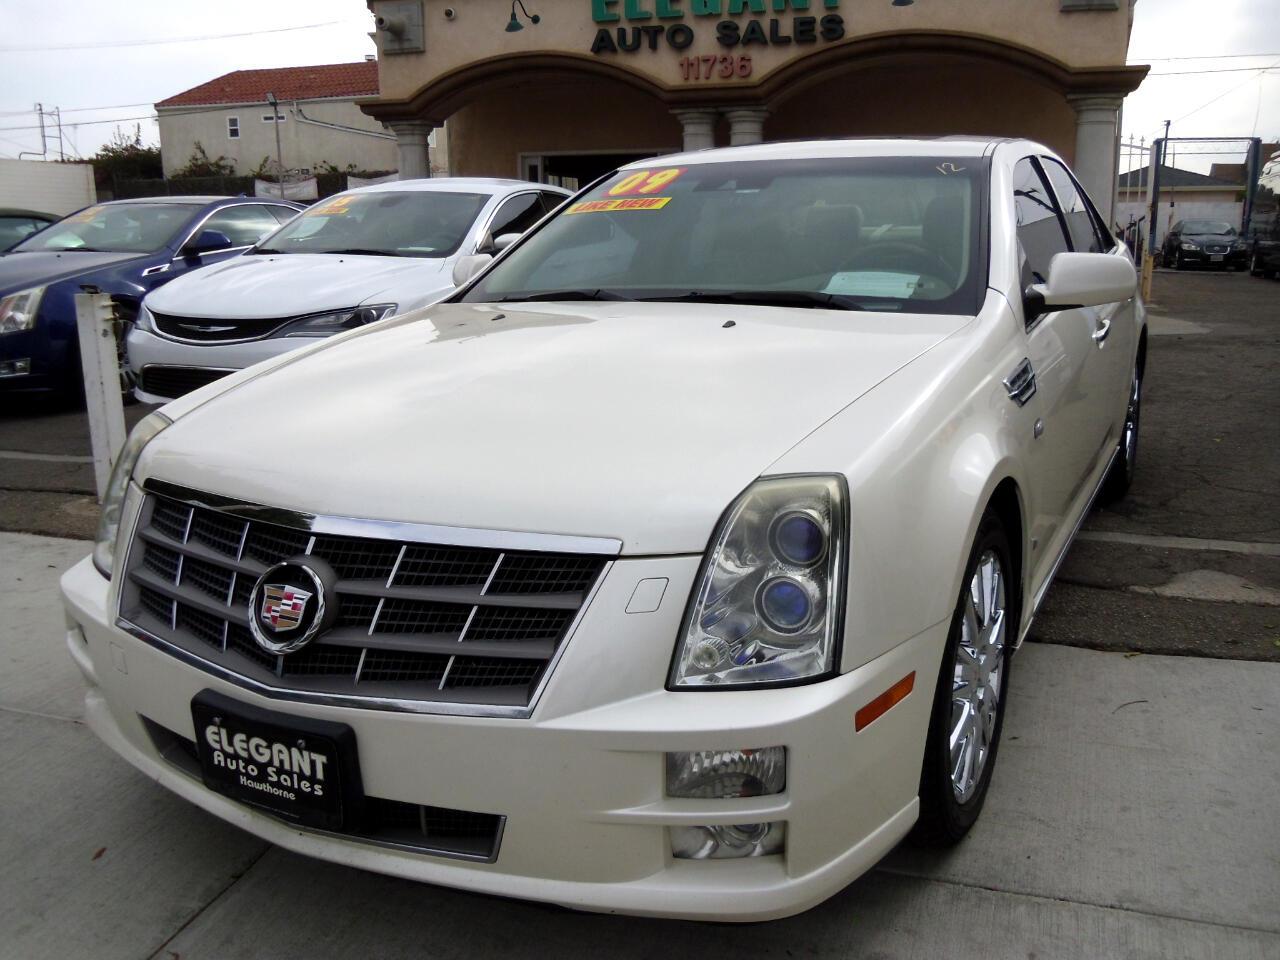 2009 Cadillac STS 4dr Sdn V6 RWD w/1SC